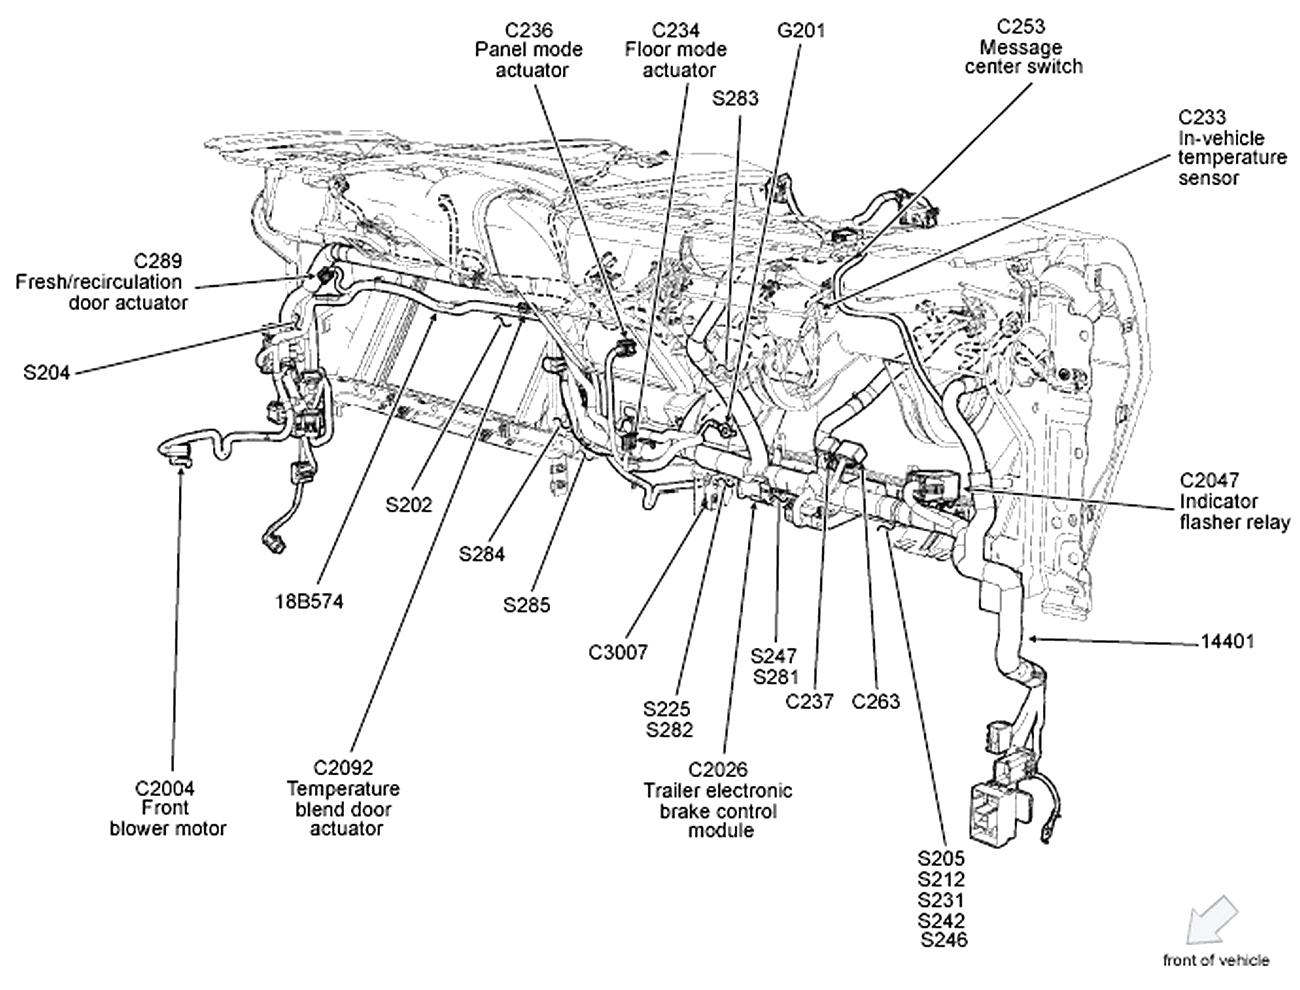 ford f150 wiring harness diagram wm 9163  ford engine diagram wiring diagram 2018 ford f 150 trailer wiring harness diagram wm 9163  ford engine diagram wiring diagram